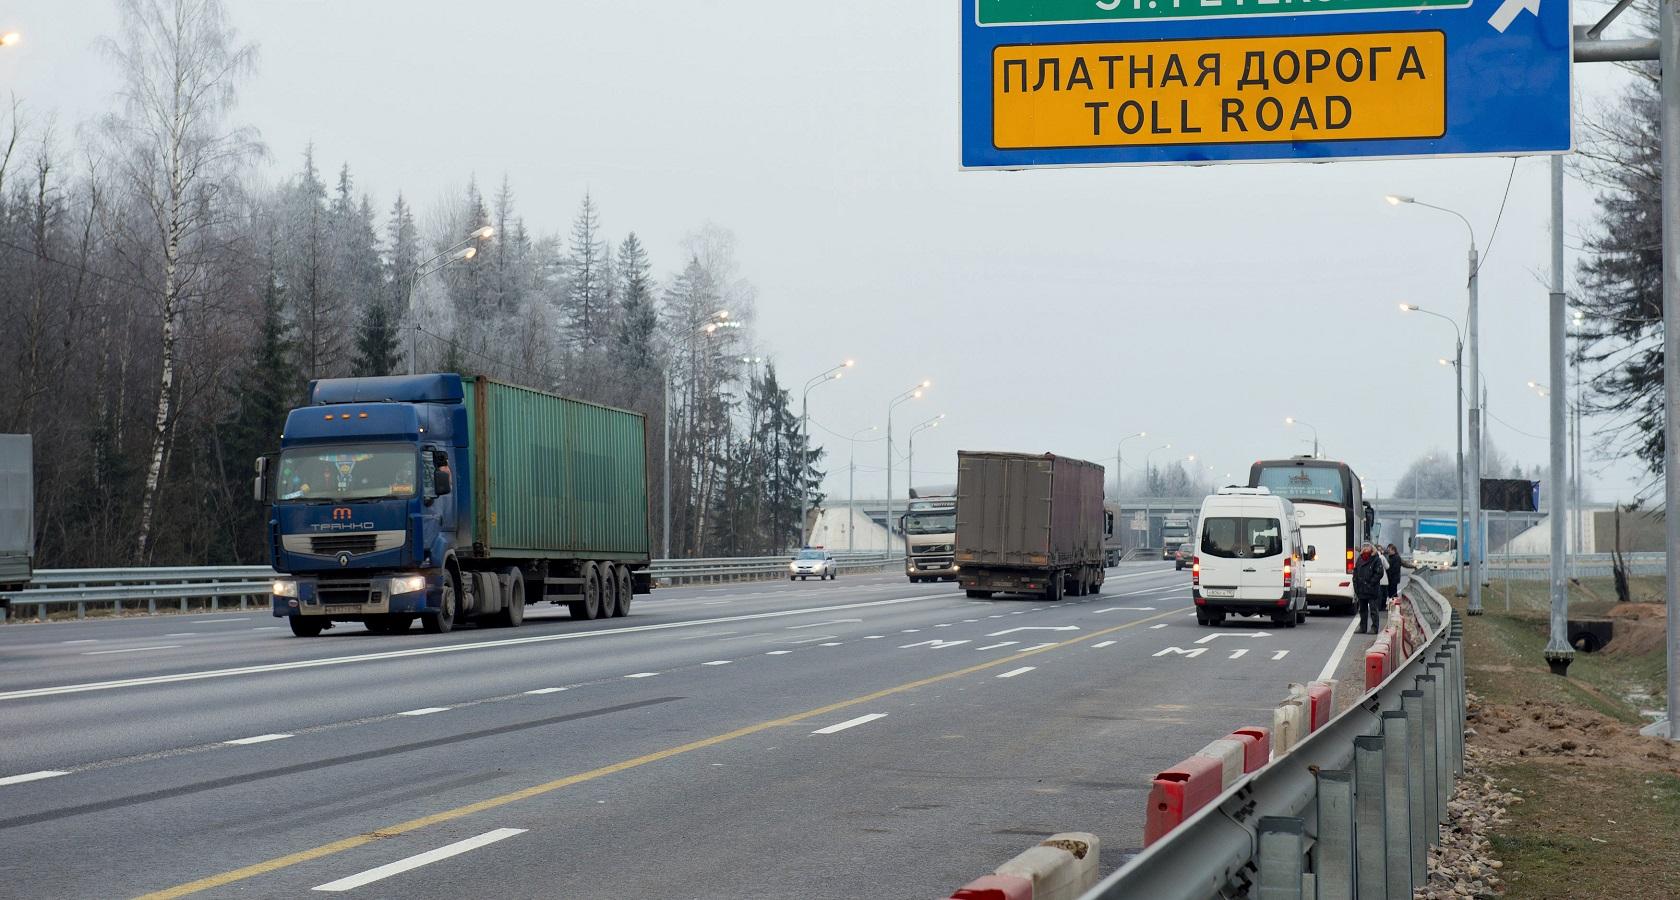 Подмосковные власти рассчитывают, что ввод новой дороги также решит проблему транспортного сообщения г. о. Мытищи и разгрузит МКАД (фото: ГК «Автодор»)